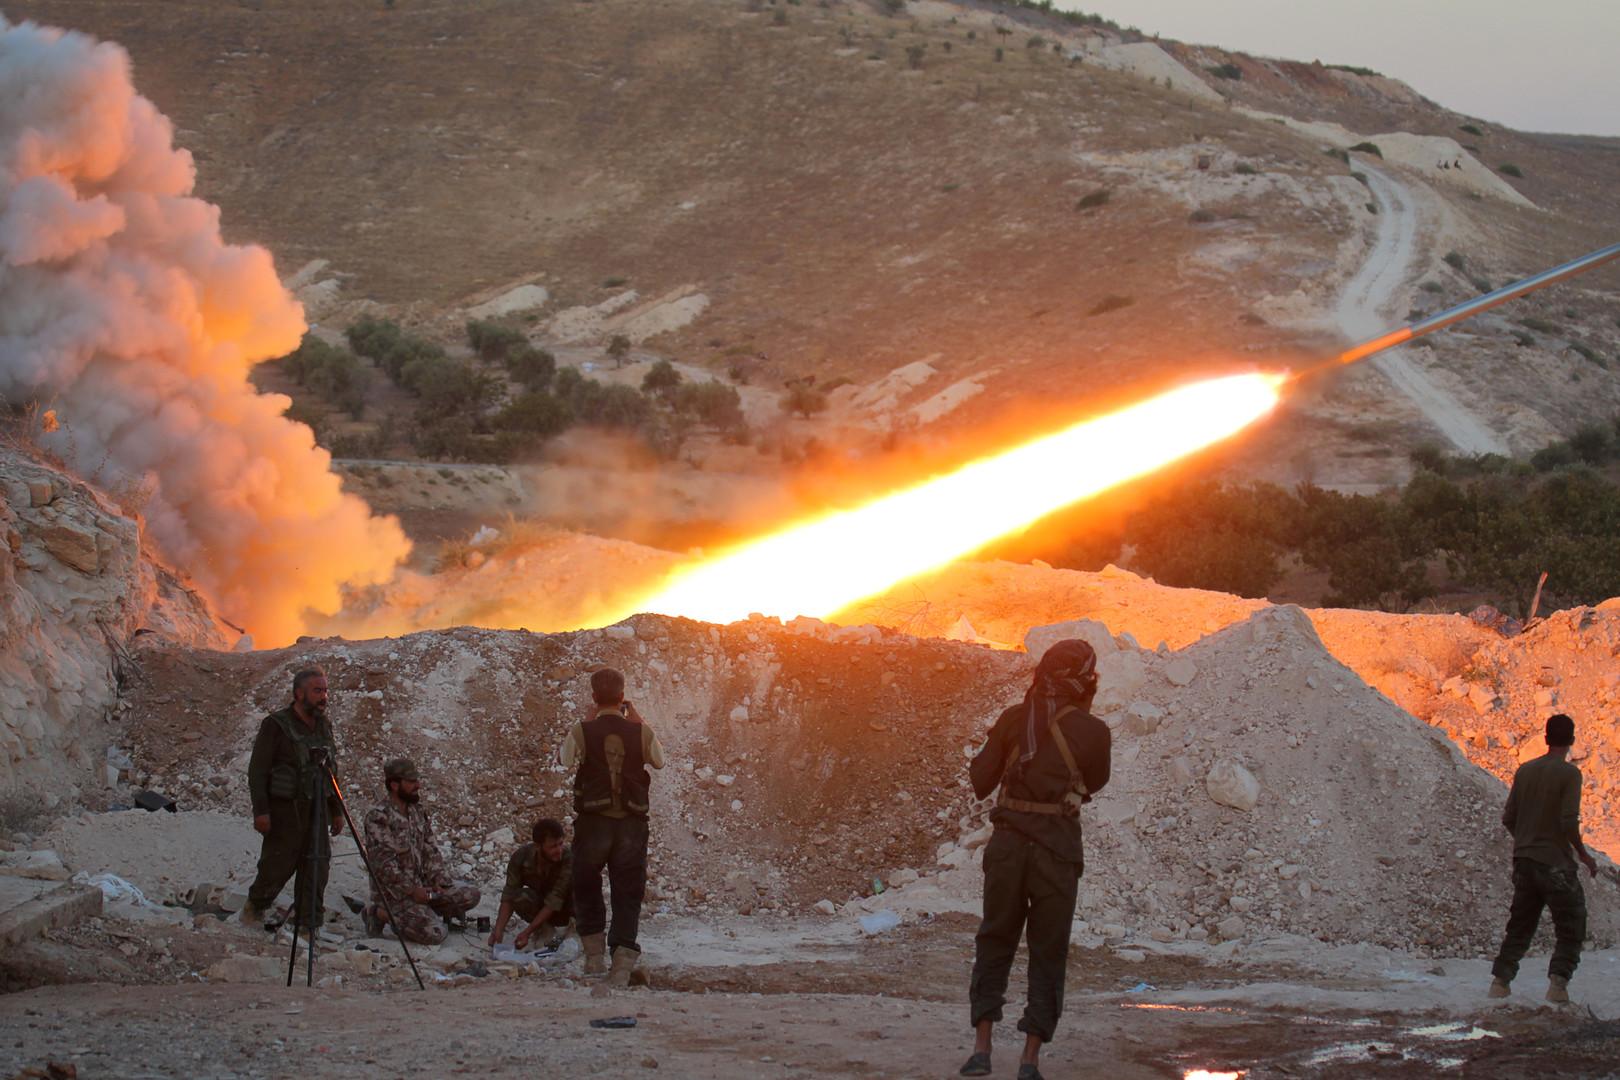 الدفاع الروسية: مقتل عسكريين سوريين اثنين بعمليات قصف نفذها مسلحون من إدلب